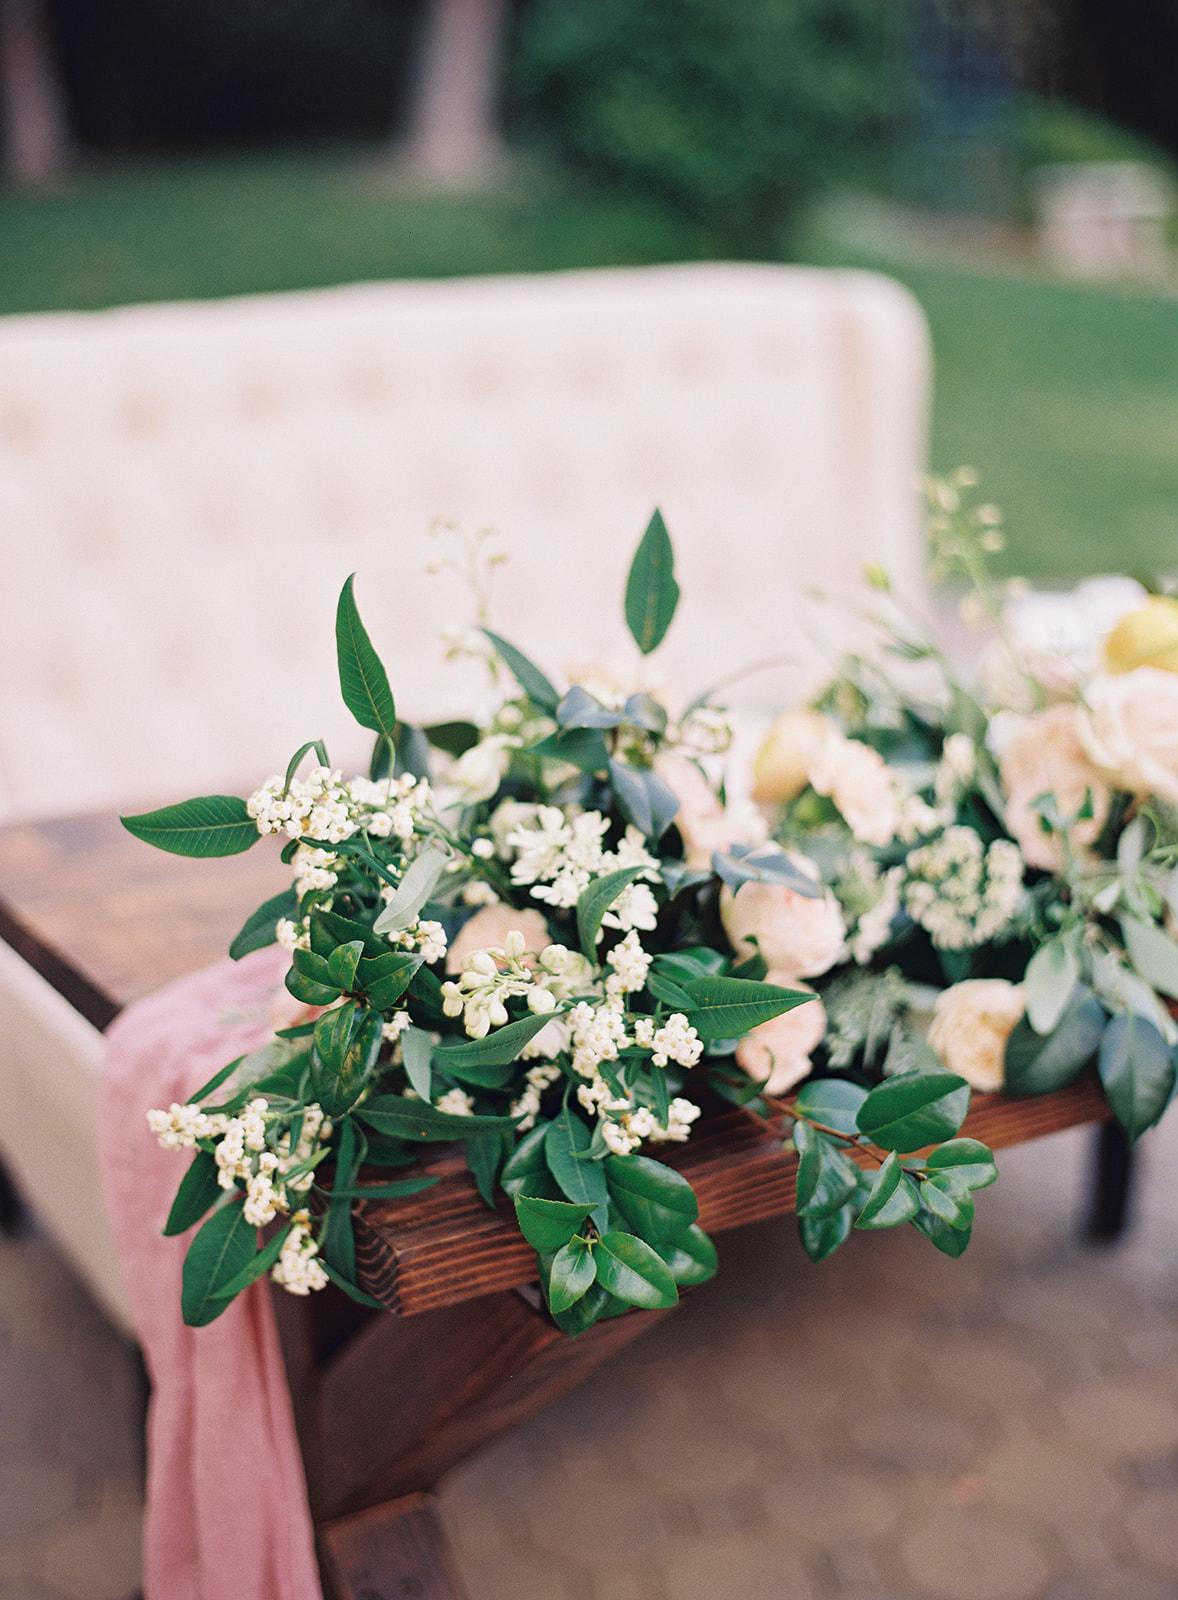 NathalieChengPhotography_AiahMichael_Wedding_864.jpg